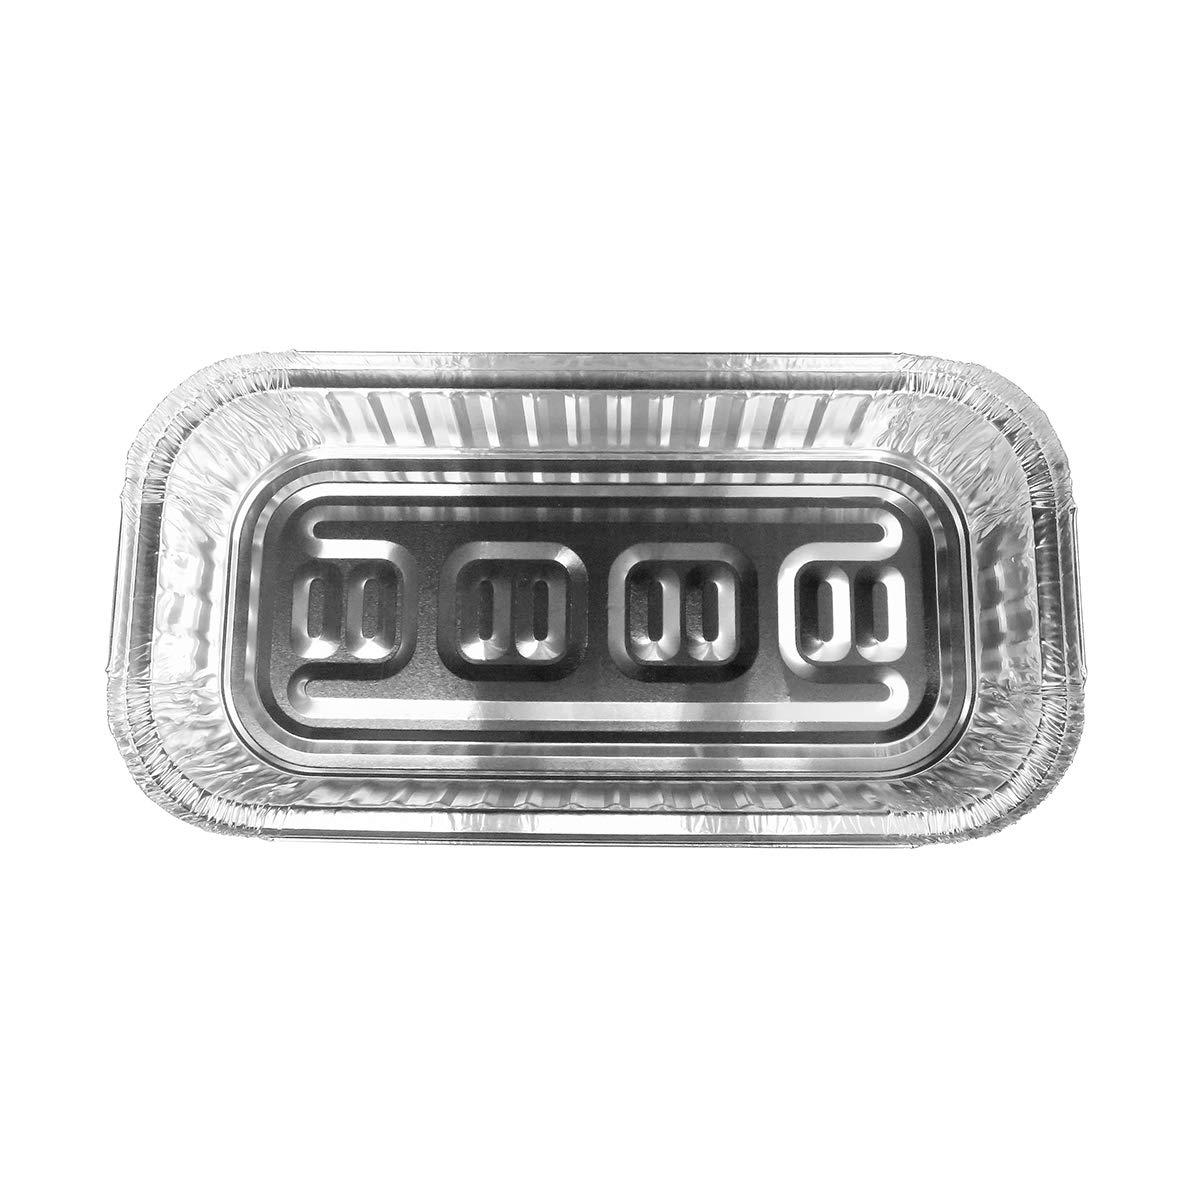 使い捨てアルミ3 lb。Oblong Pan withボード蓋# 110l 3ポンド シルバー A58 250  B00TG9NC06